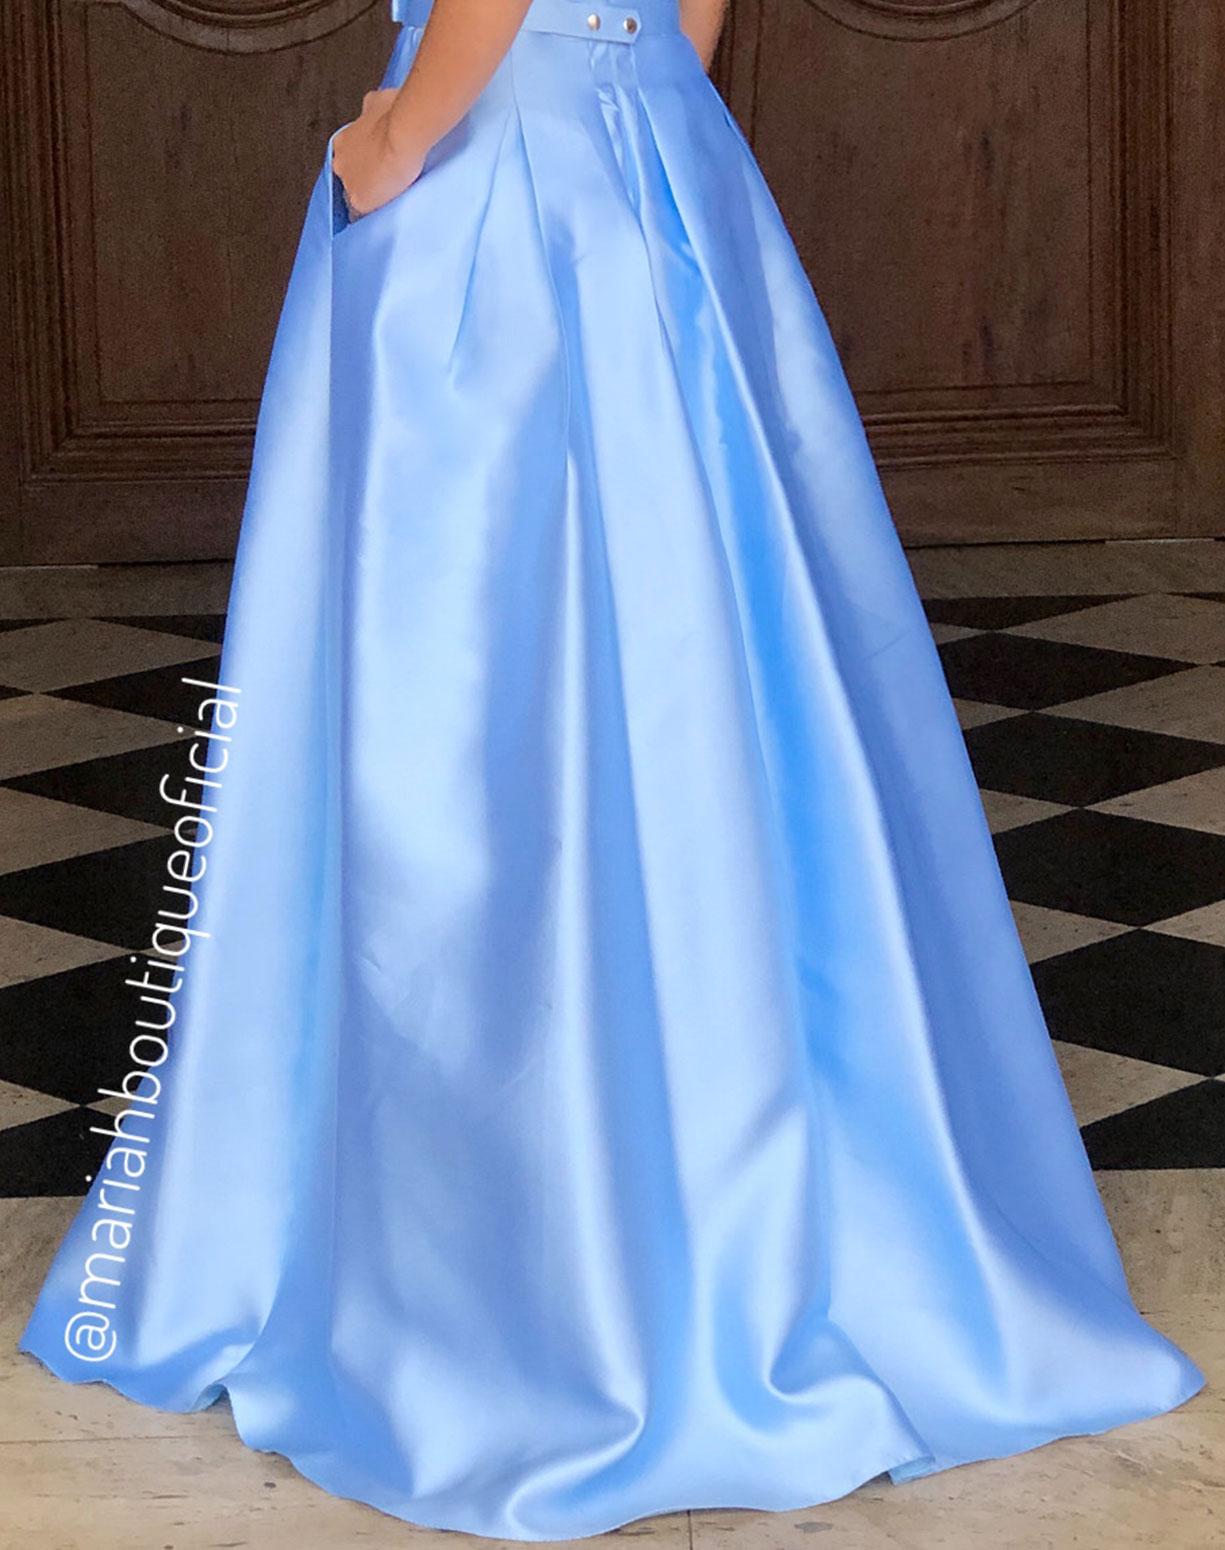 Vestido Azul Serenity em Zibeline com Cinto de Lacinho